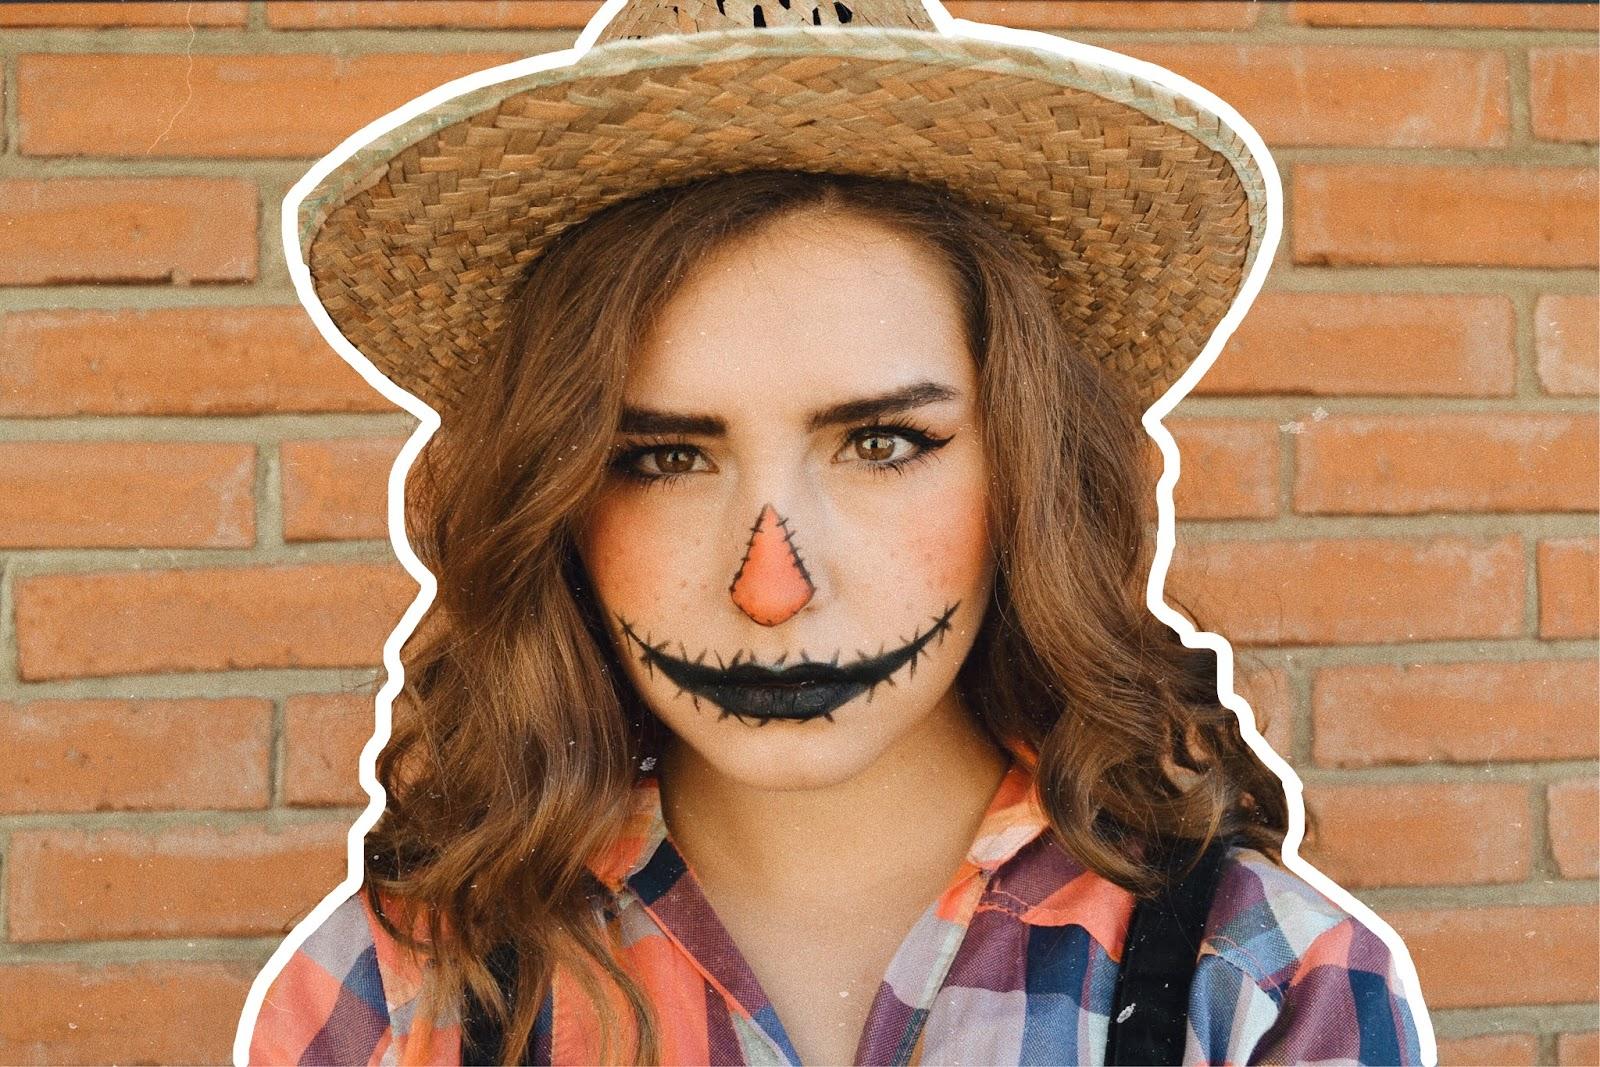 video: scarecrow halloween costume 🎃 - isluciaferrero